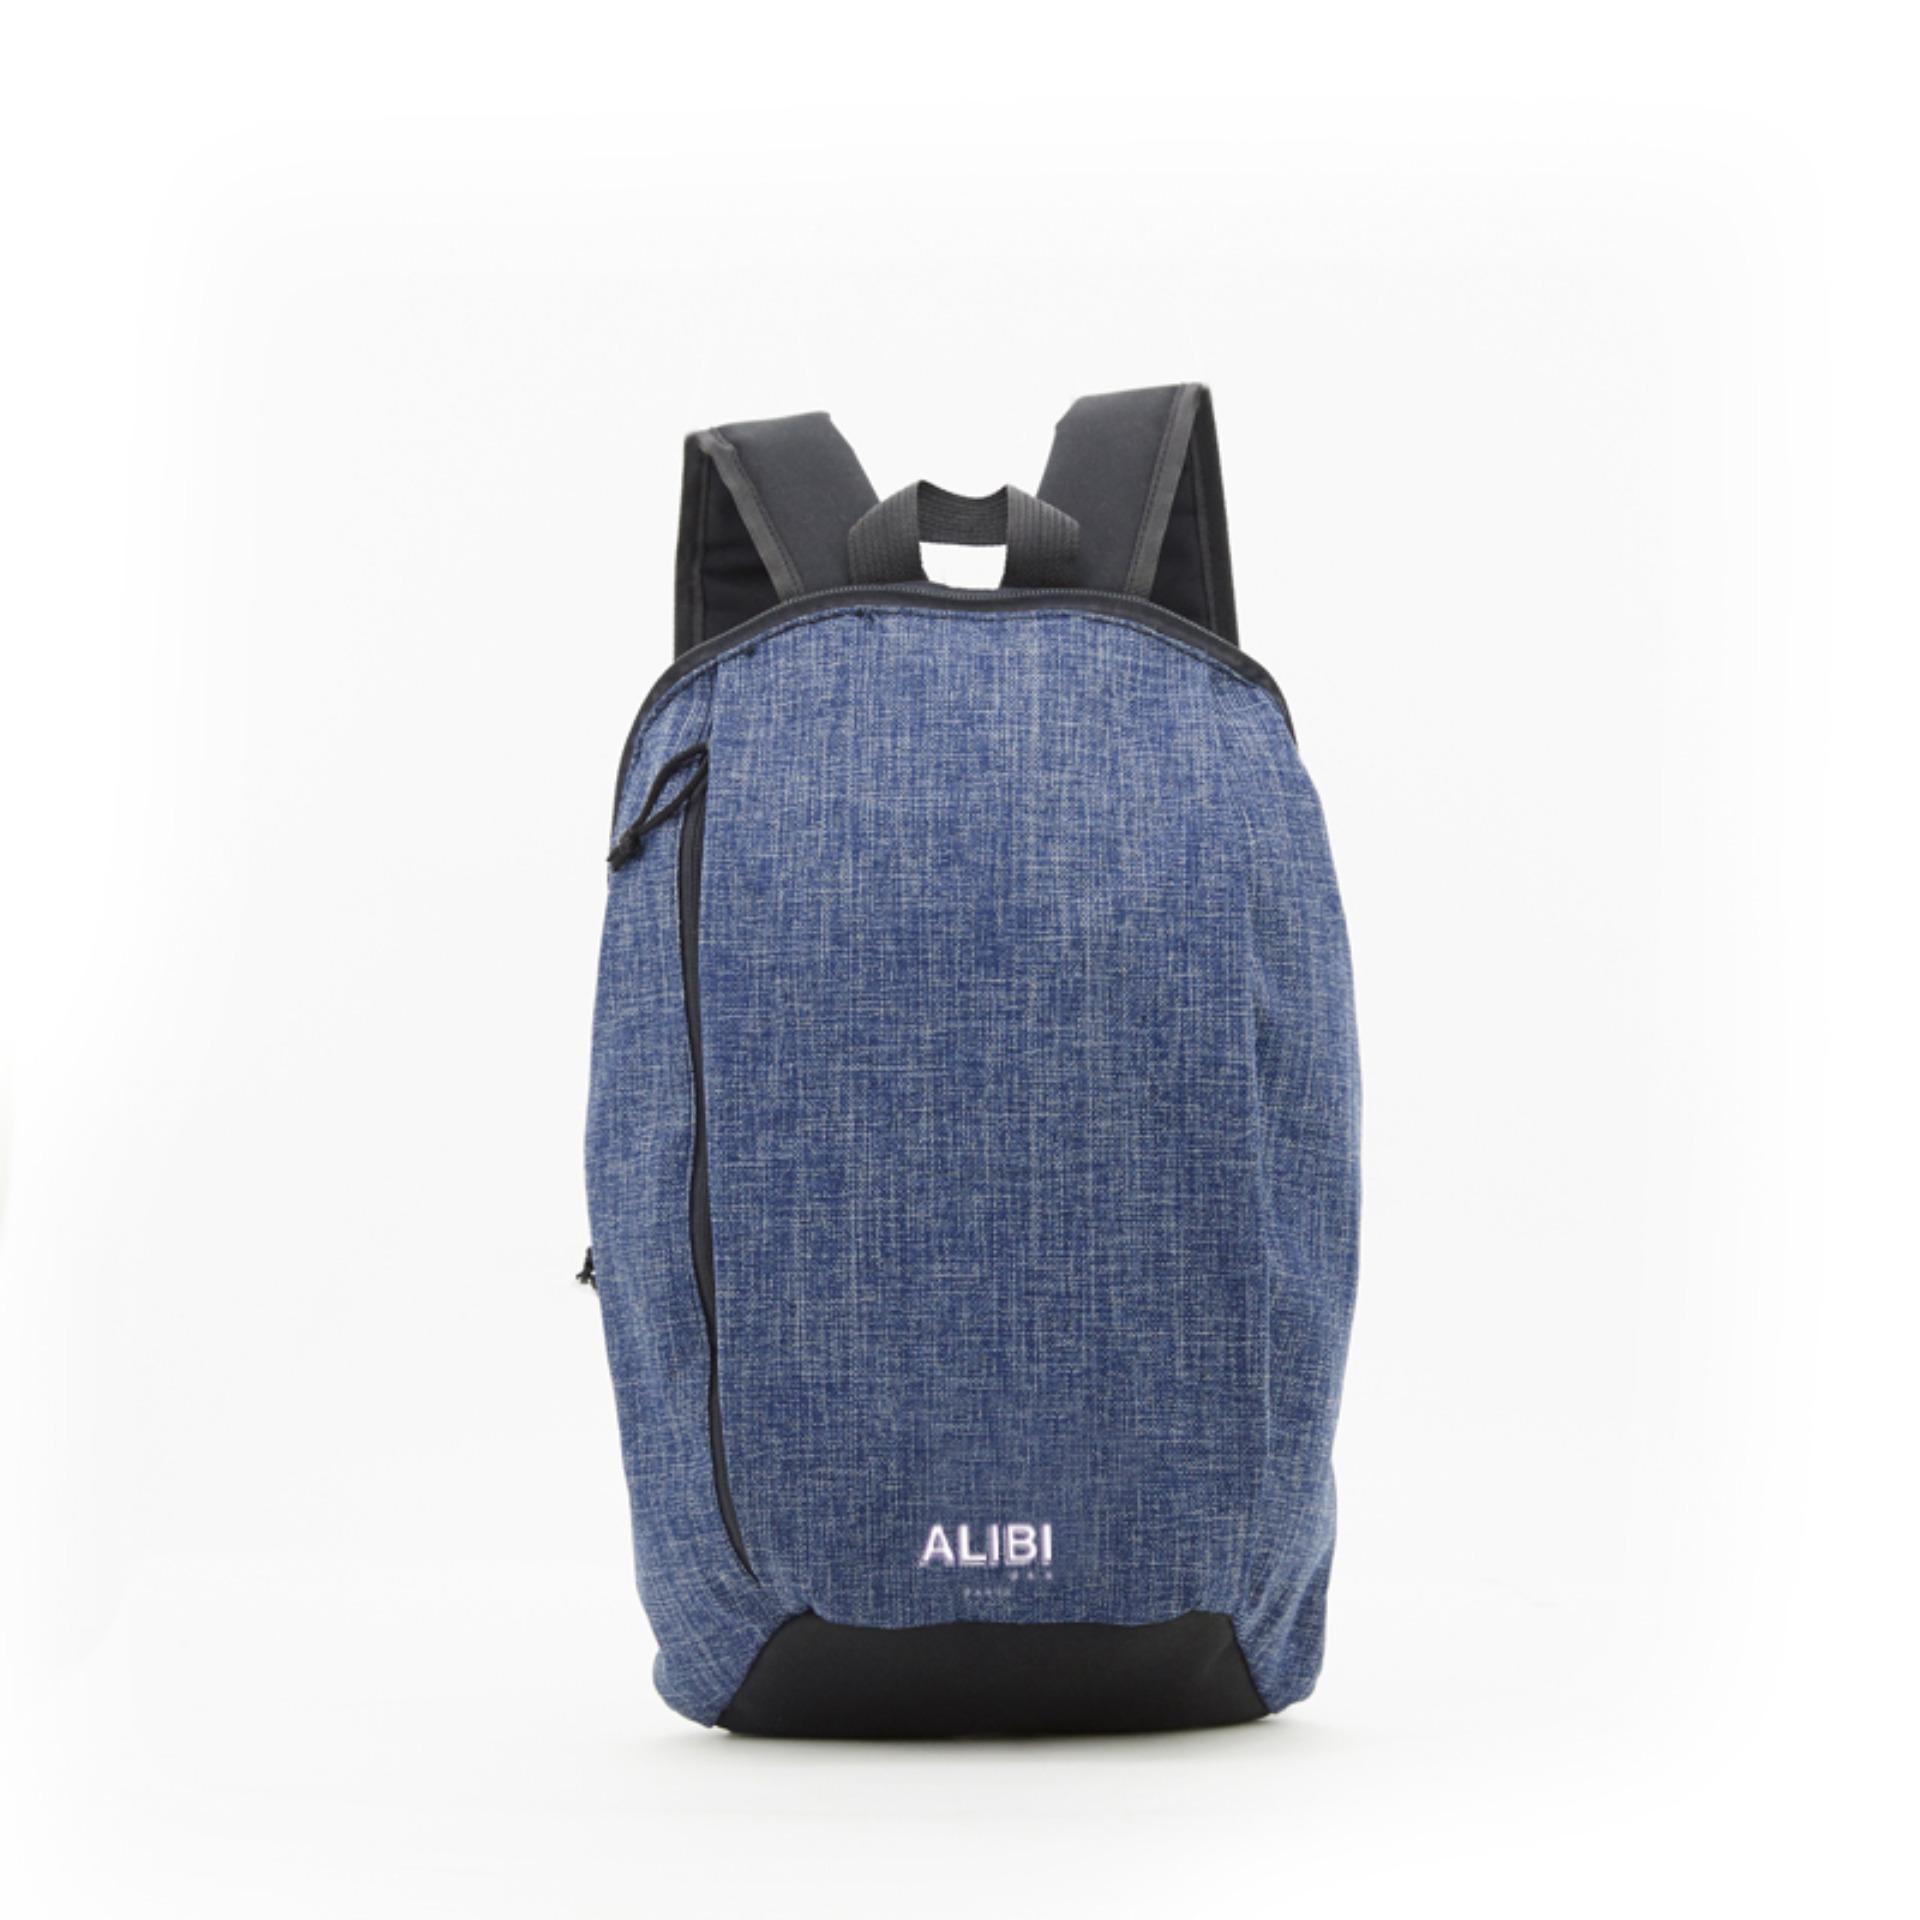 Alibi Paris Kamilee Bag Royal Blue Daftar Update Harga Terbaru dan Source · ALIBI PARIS ALSTON